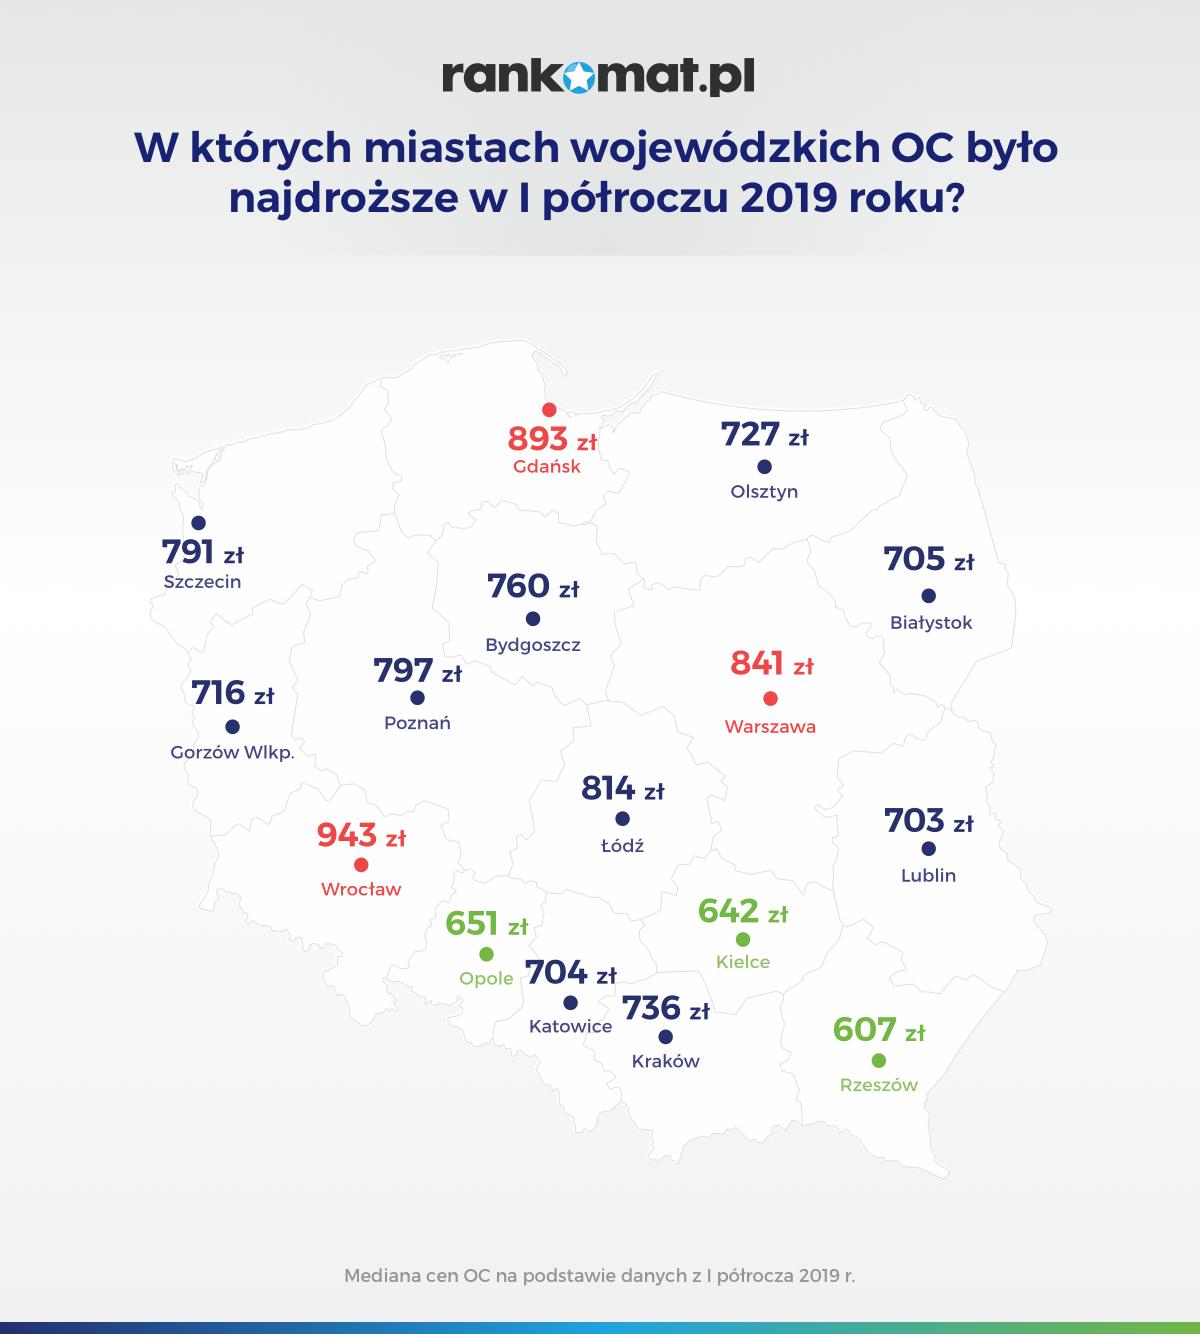 W których miastach wojewódzkich OC było najdroższe w I półroczu 2019 roku_